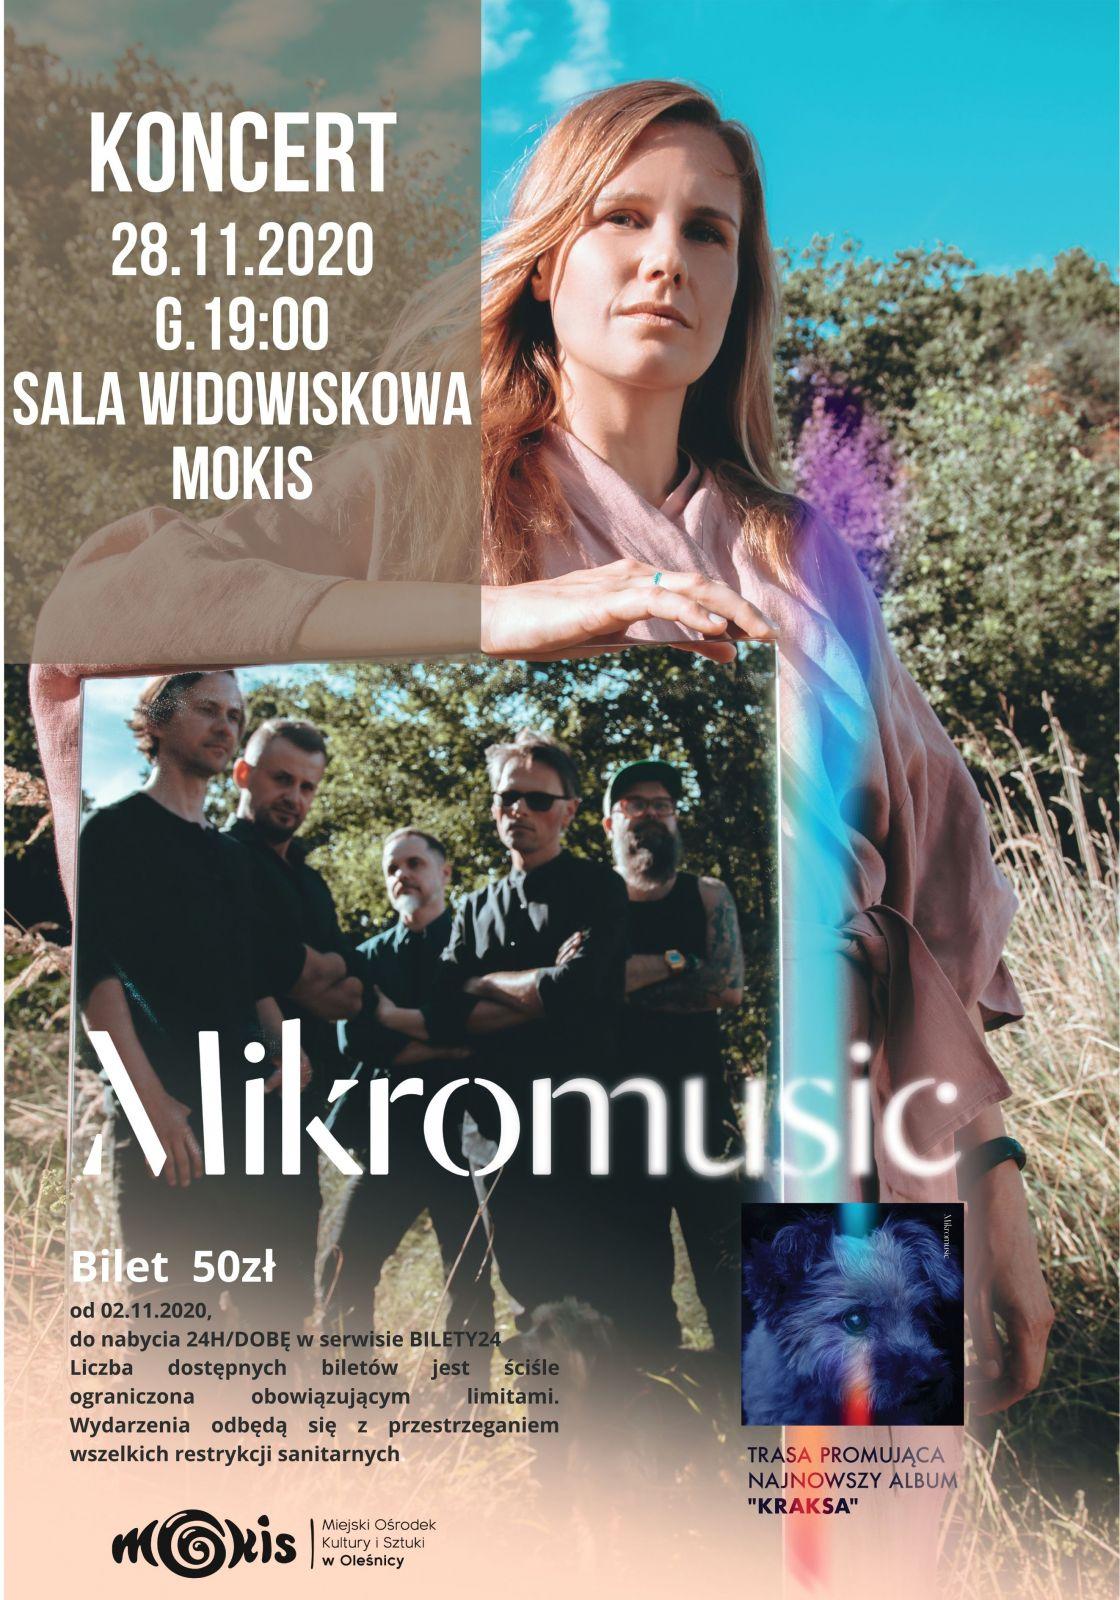 Mikromusic-koncert plakat